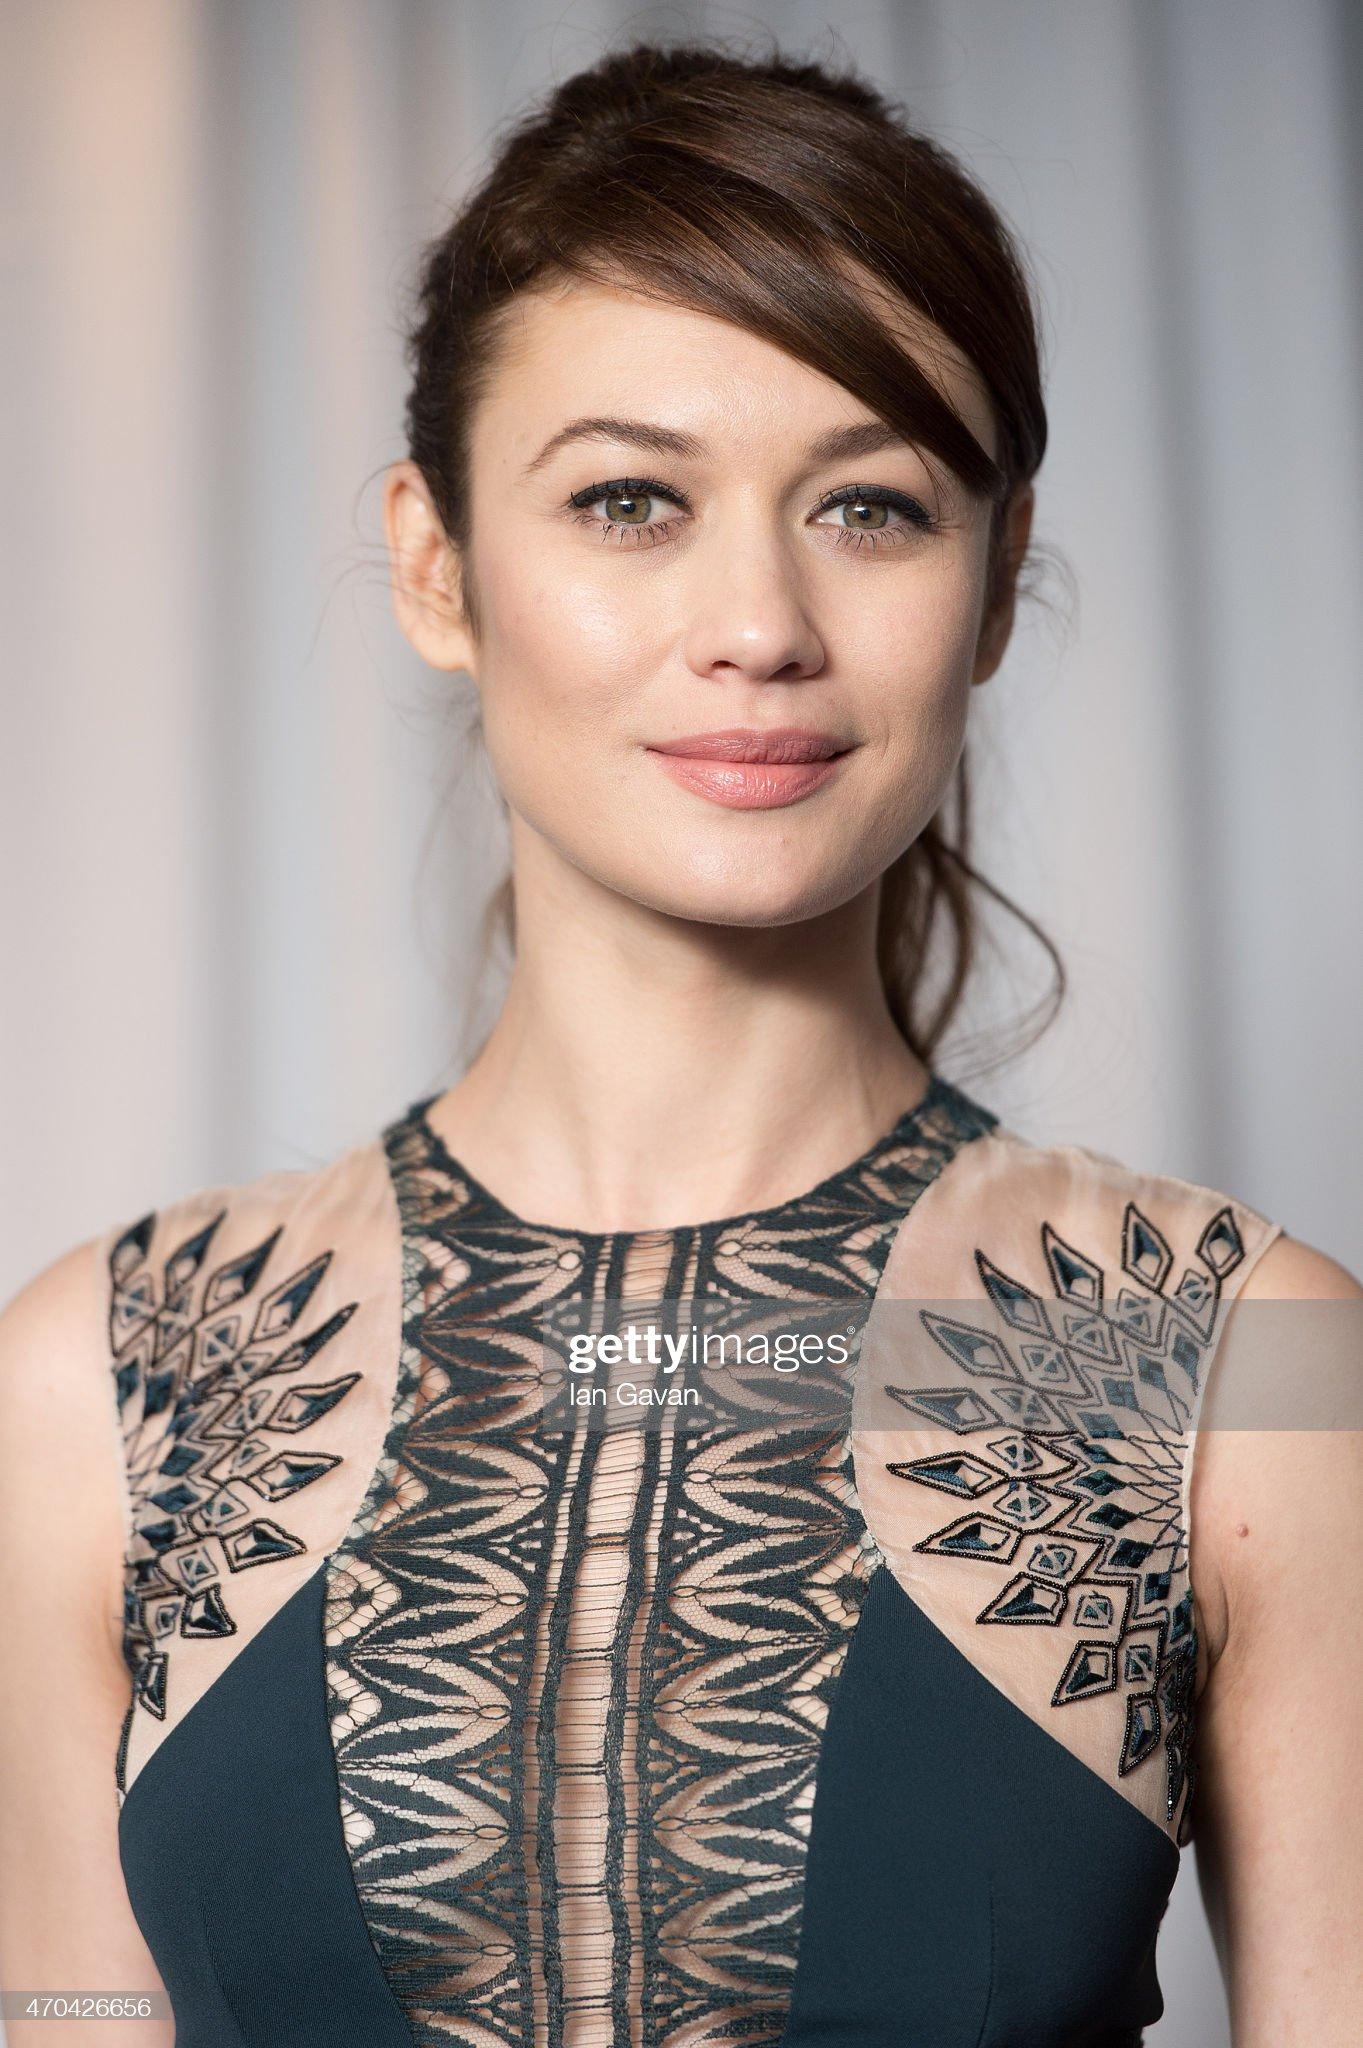 DEBATE sobre belleza, guapura y hermosura (fotos) - VOL II - Página 11 Olga-kurylenko-attends-the-jameson-empire-awards-2015-at-grosvenor-picture-id470426656?s=2048x2048